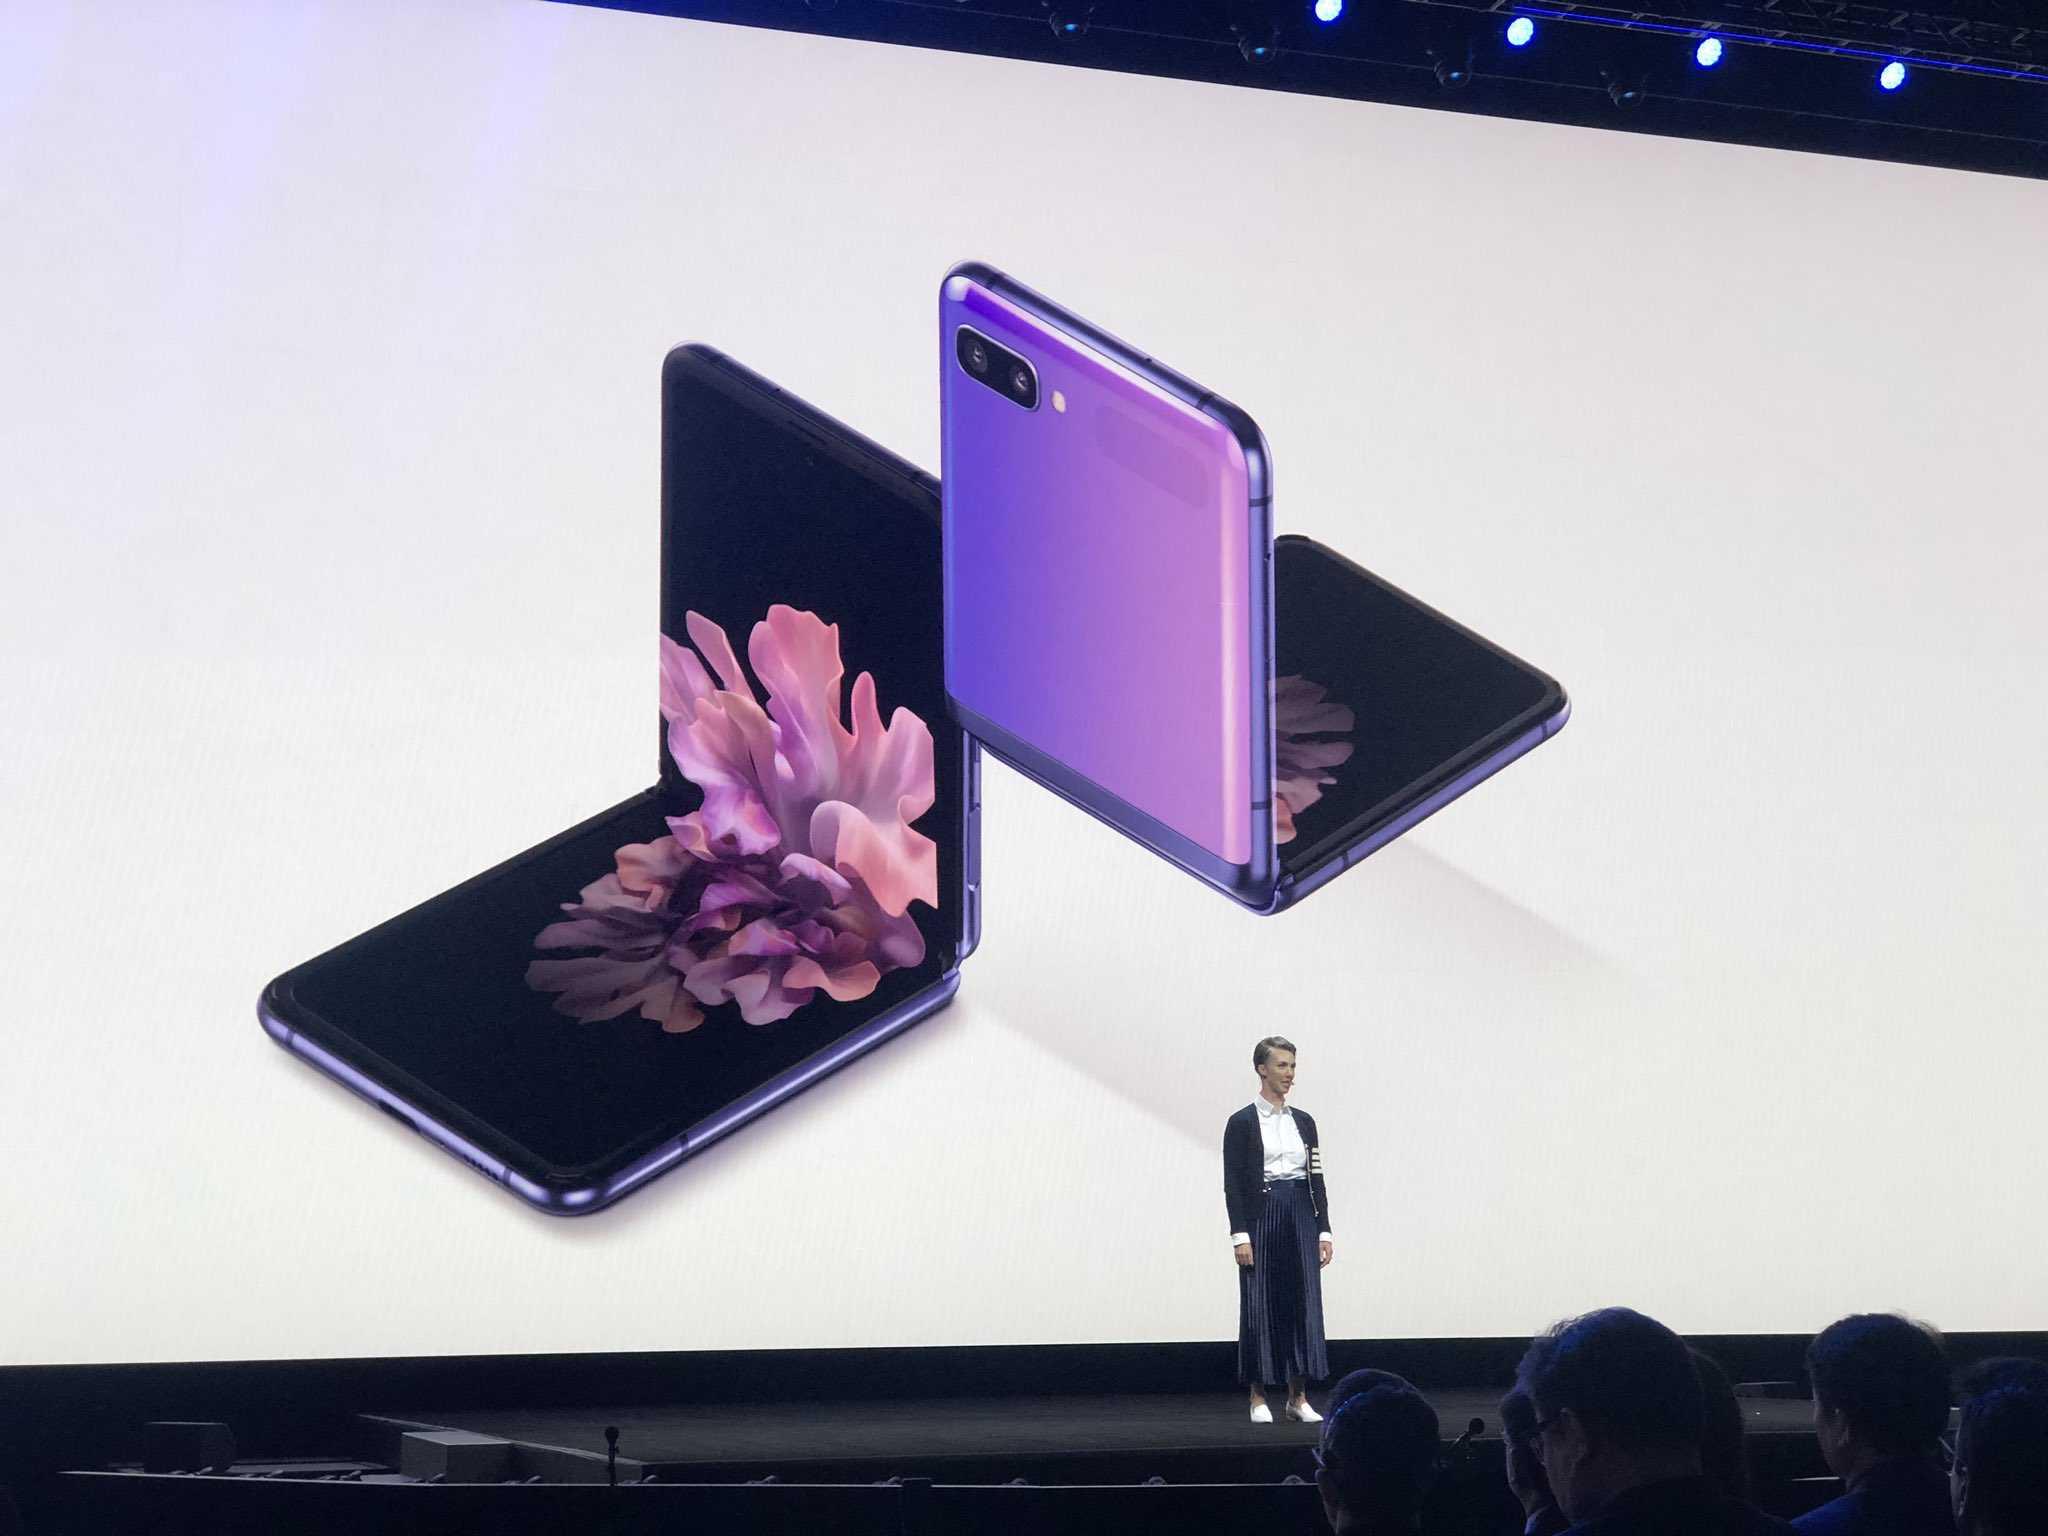 Samsung galaxy z fold2 представлен официально! первые впечатления после премьеры